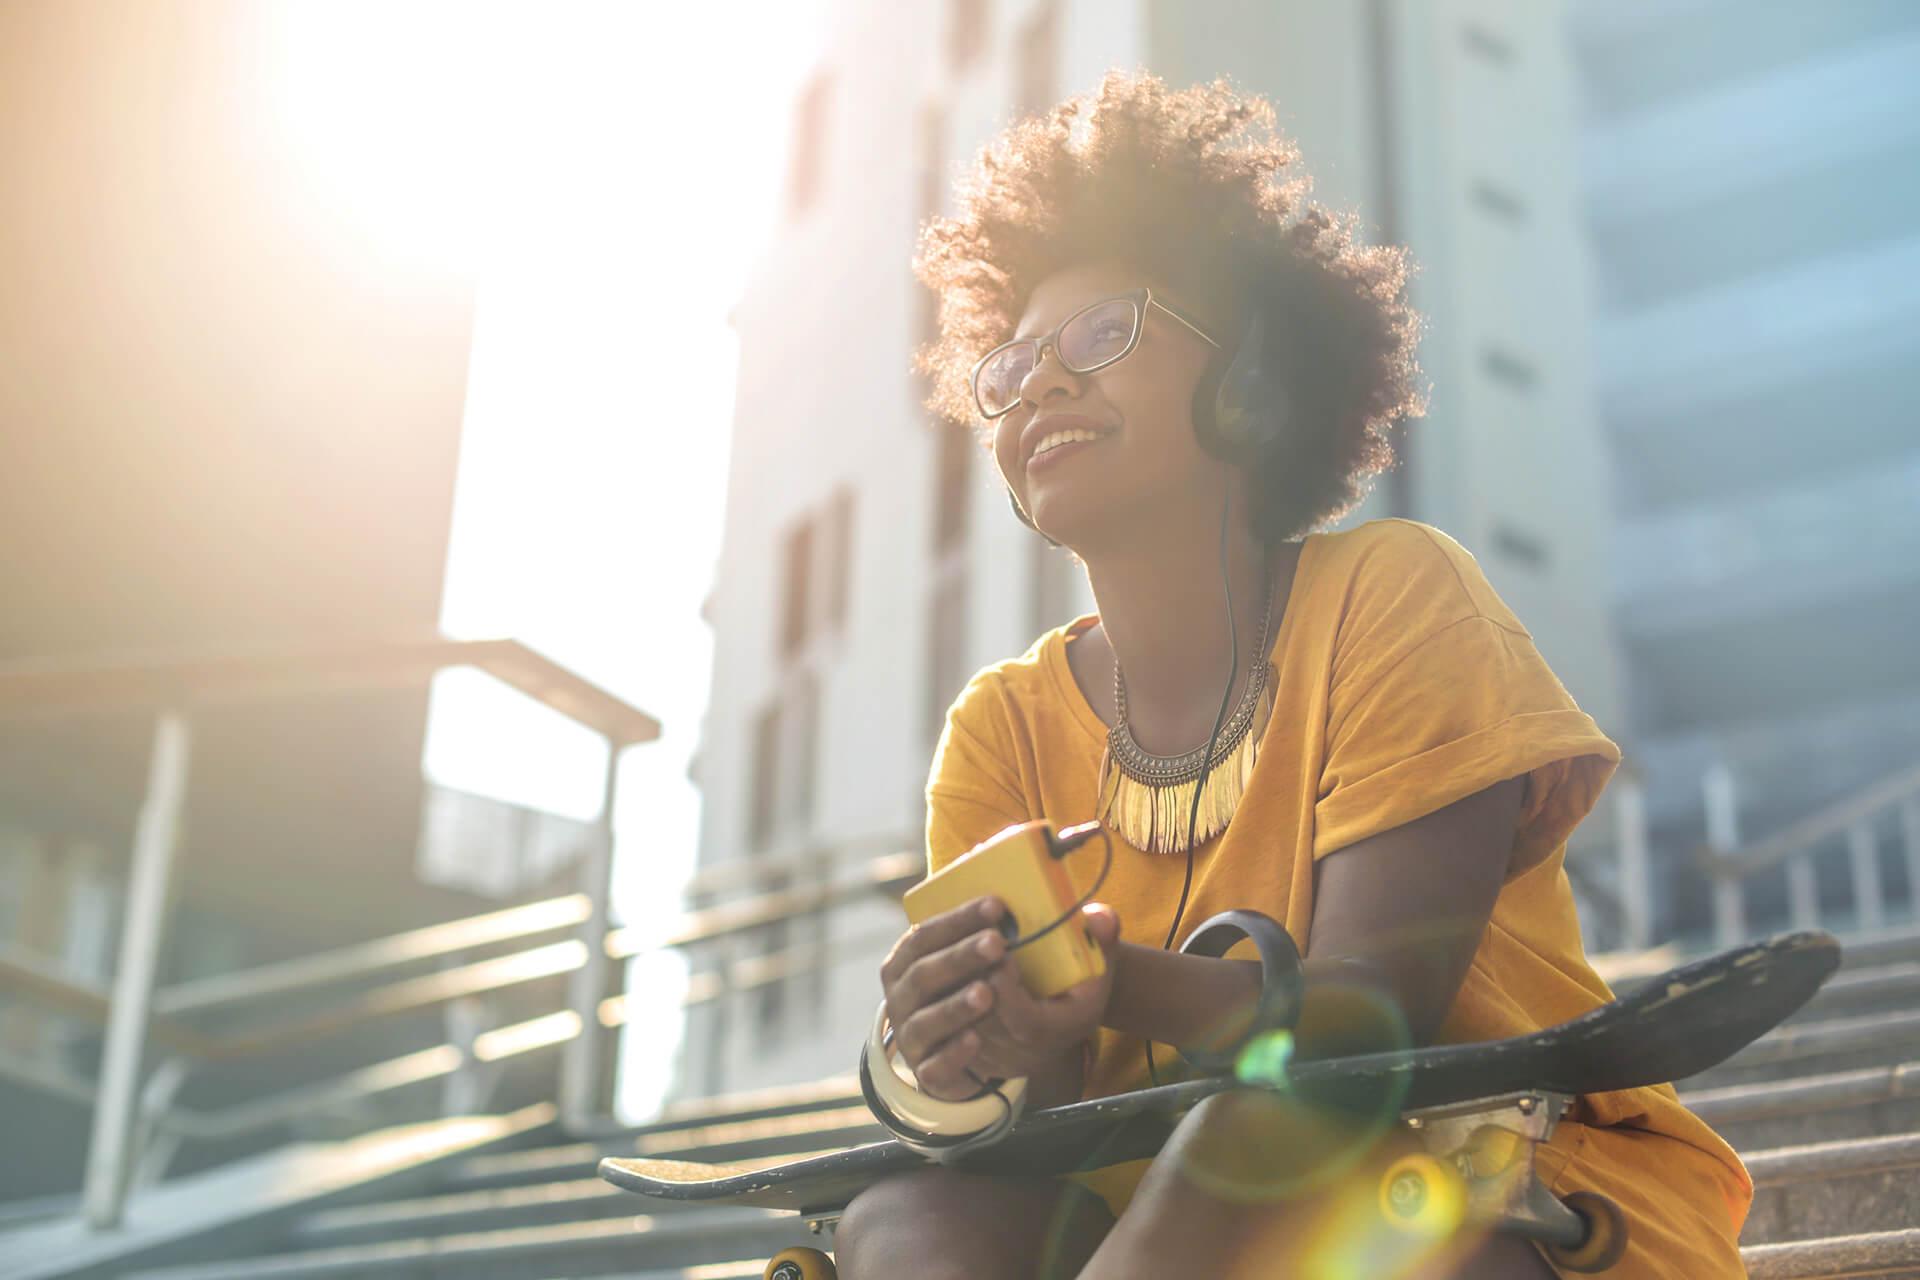 Nível de felicidade nas cidades: ideias e soluções